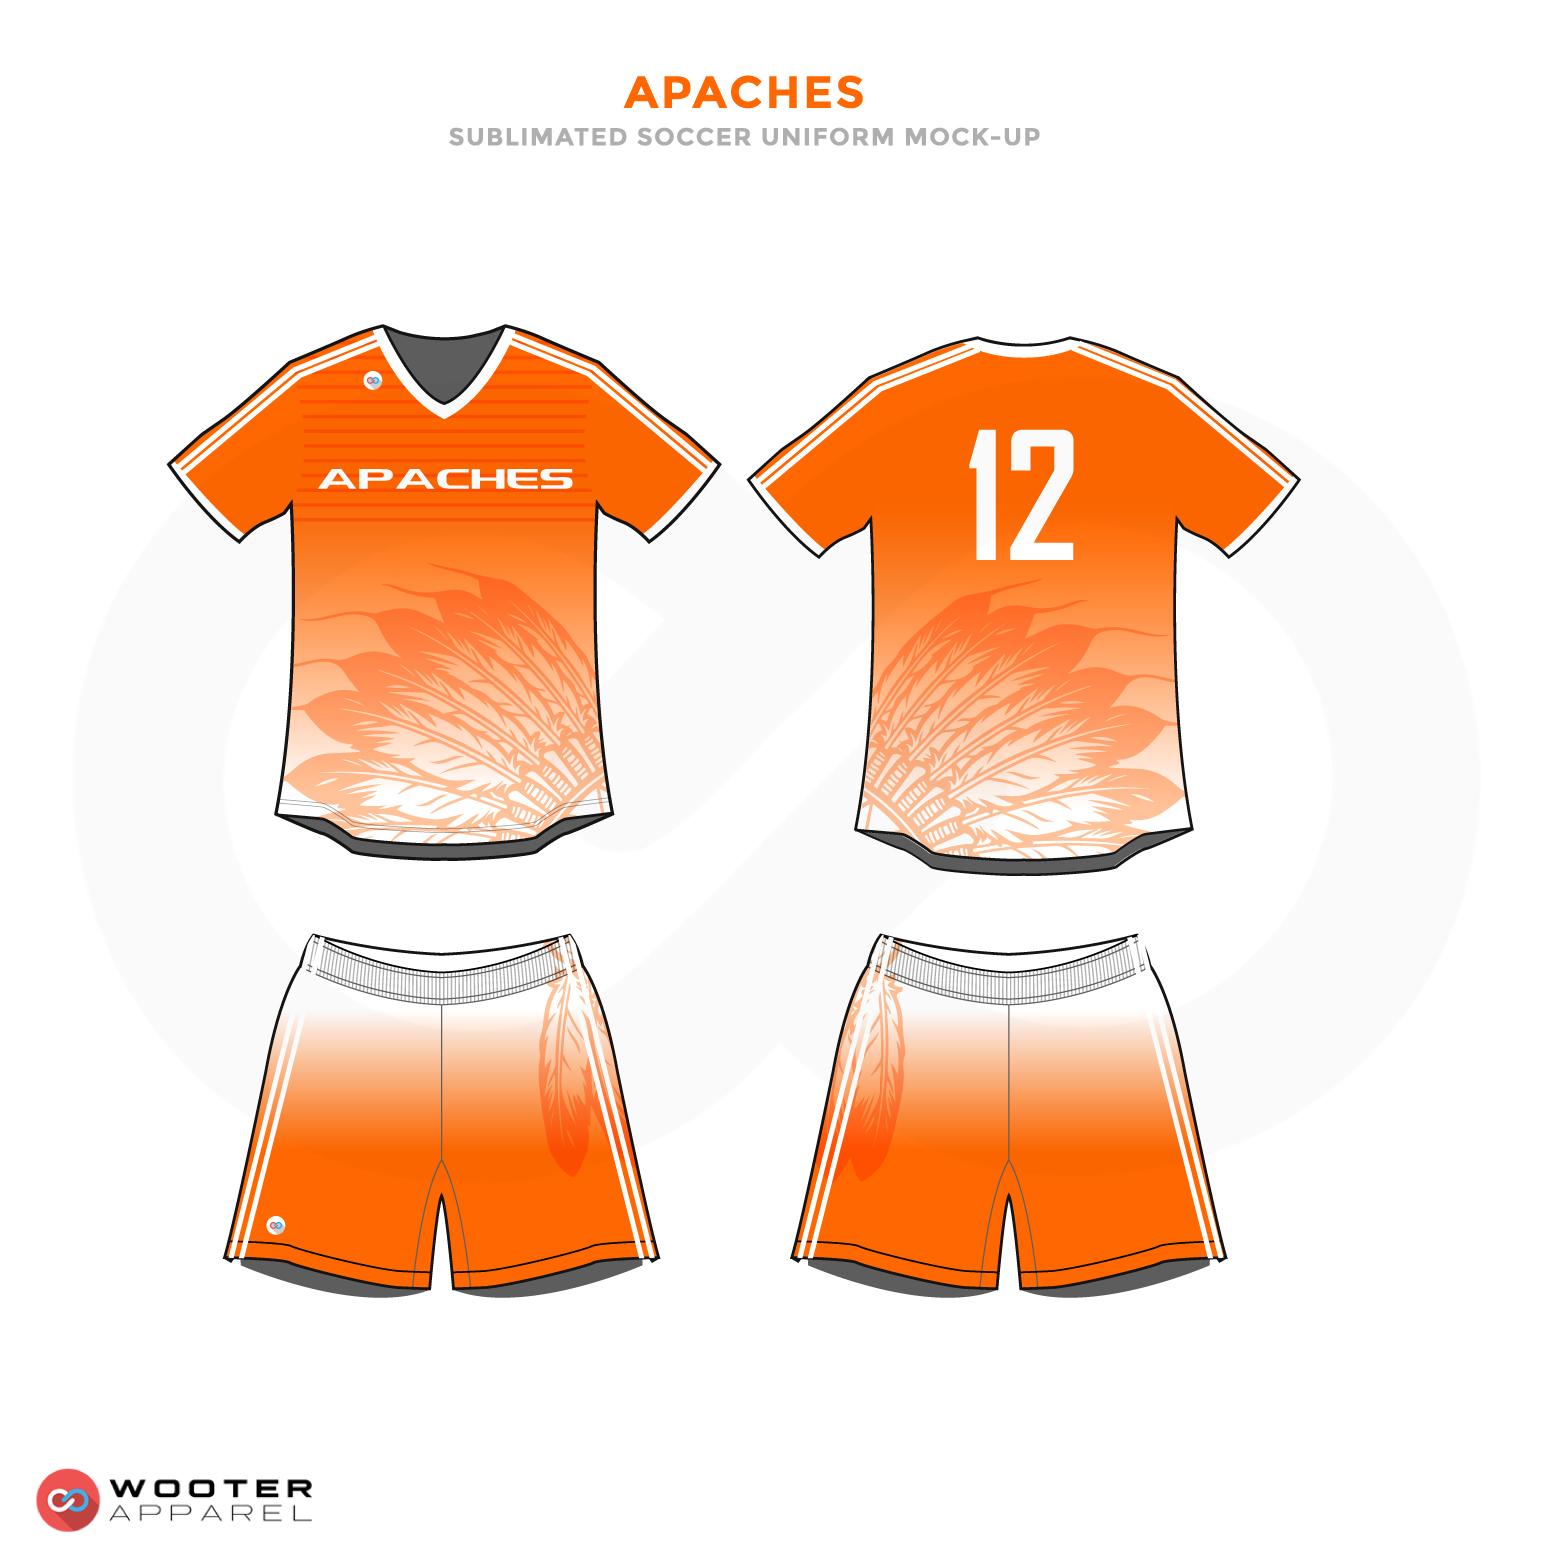 Apaches-Uniform-1.jpg